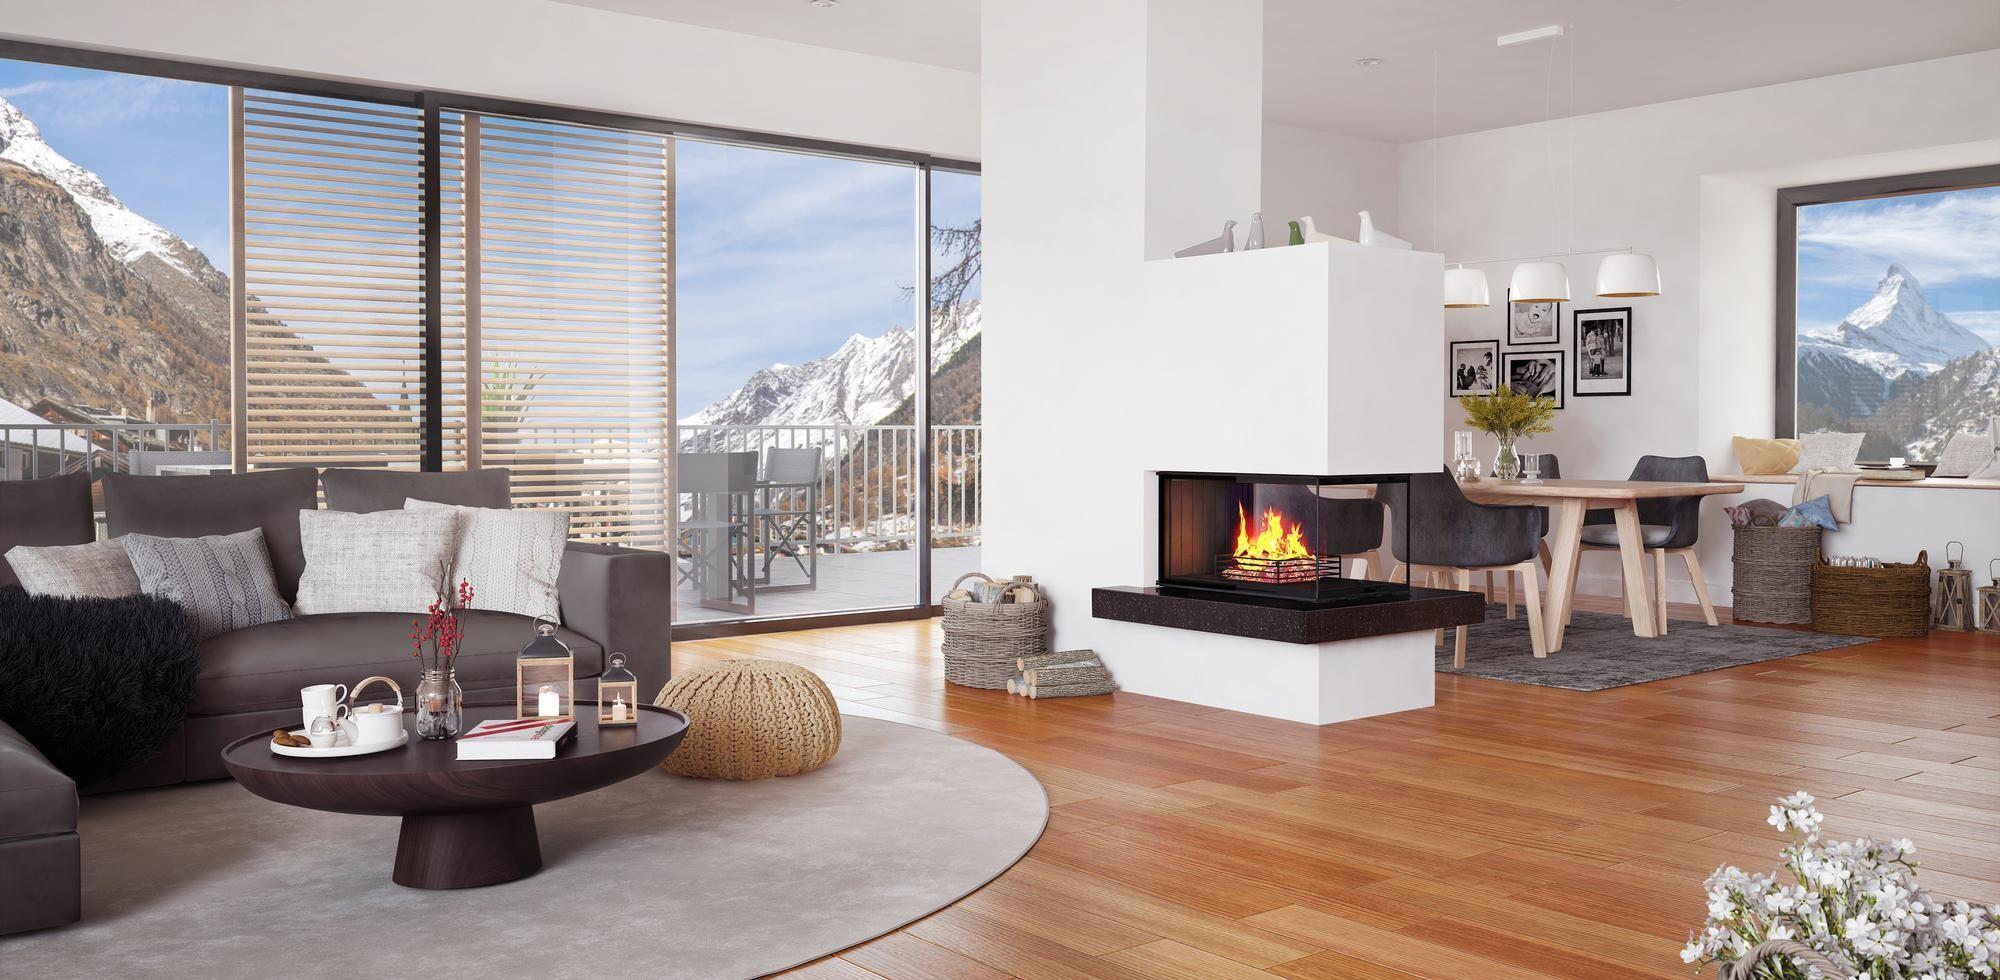 chemin es chemin e kamin ofen. Black Bedroom Furniture Sets. Home Design Ideas